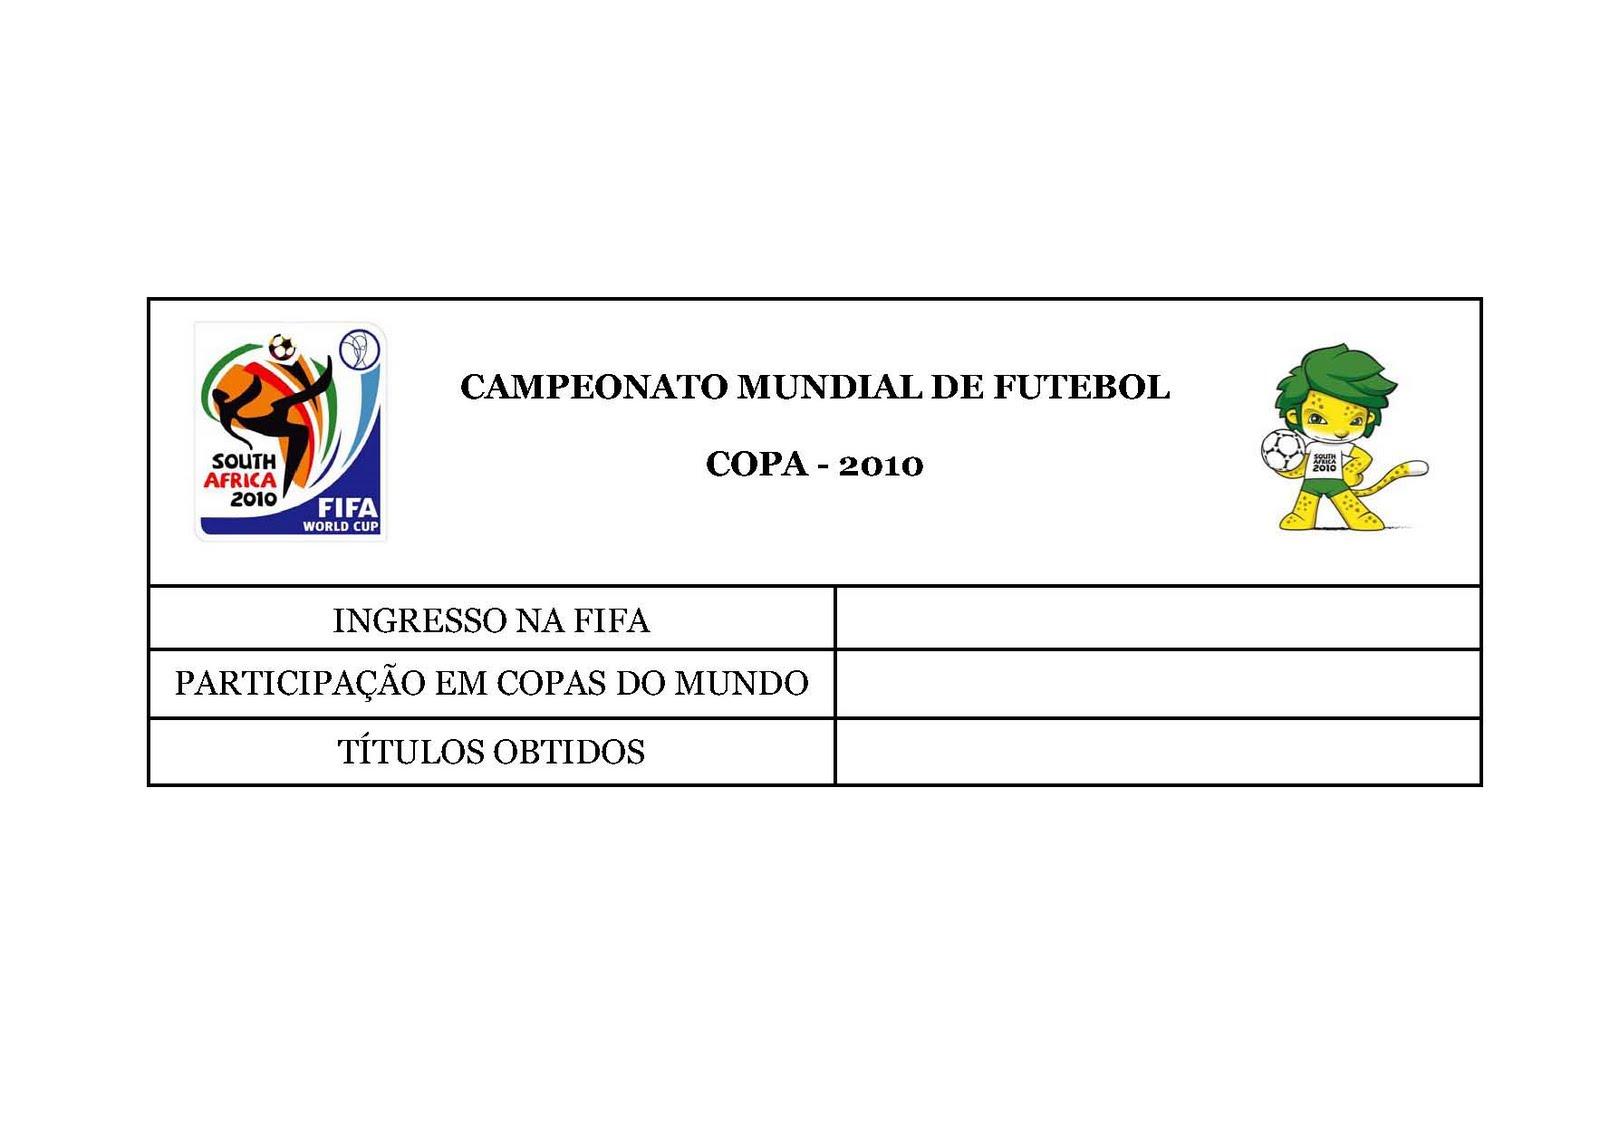 4eb514fce5075 GEOGRAFIA EM FOCO  Tabelas do Trabalho da Copa do Mundo 2010